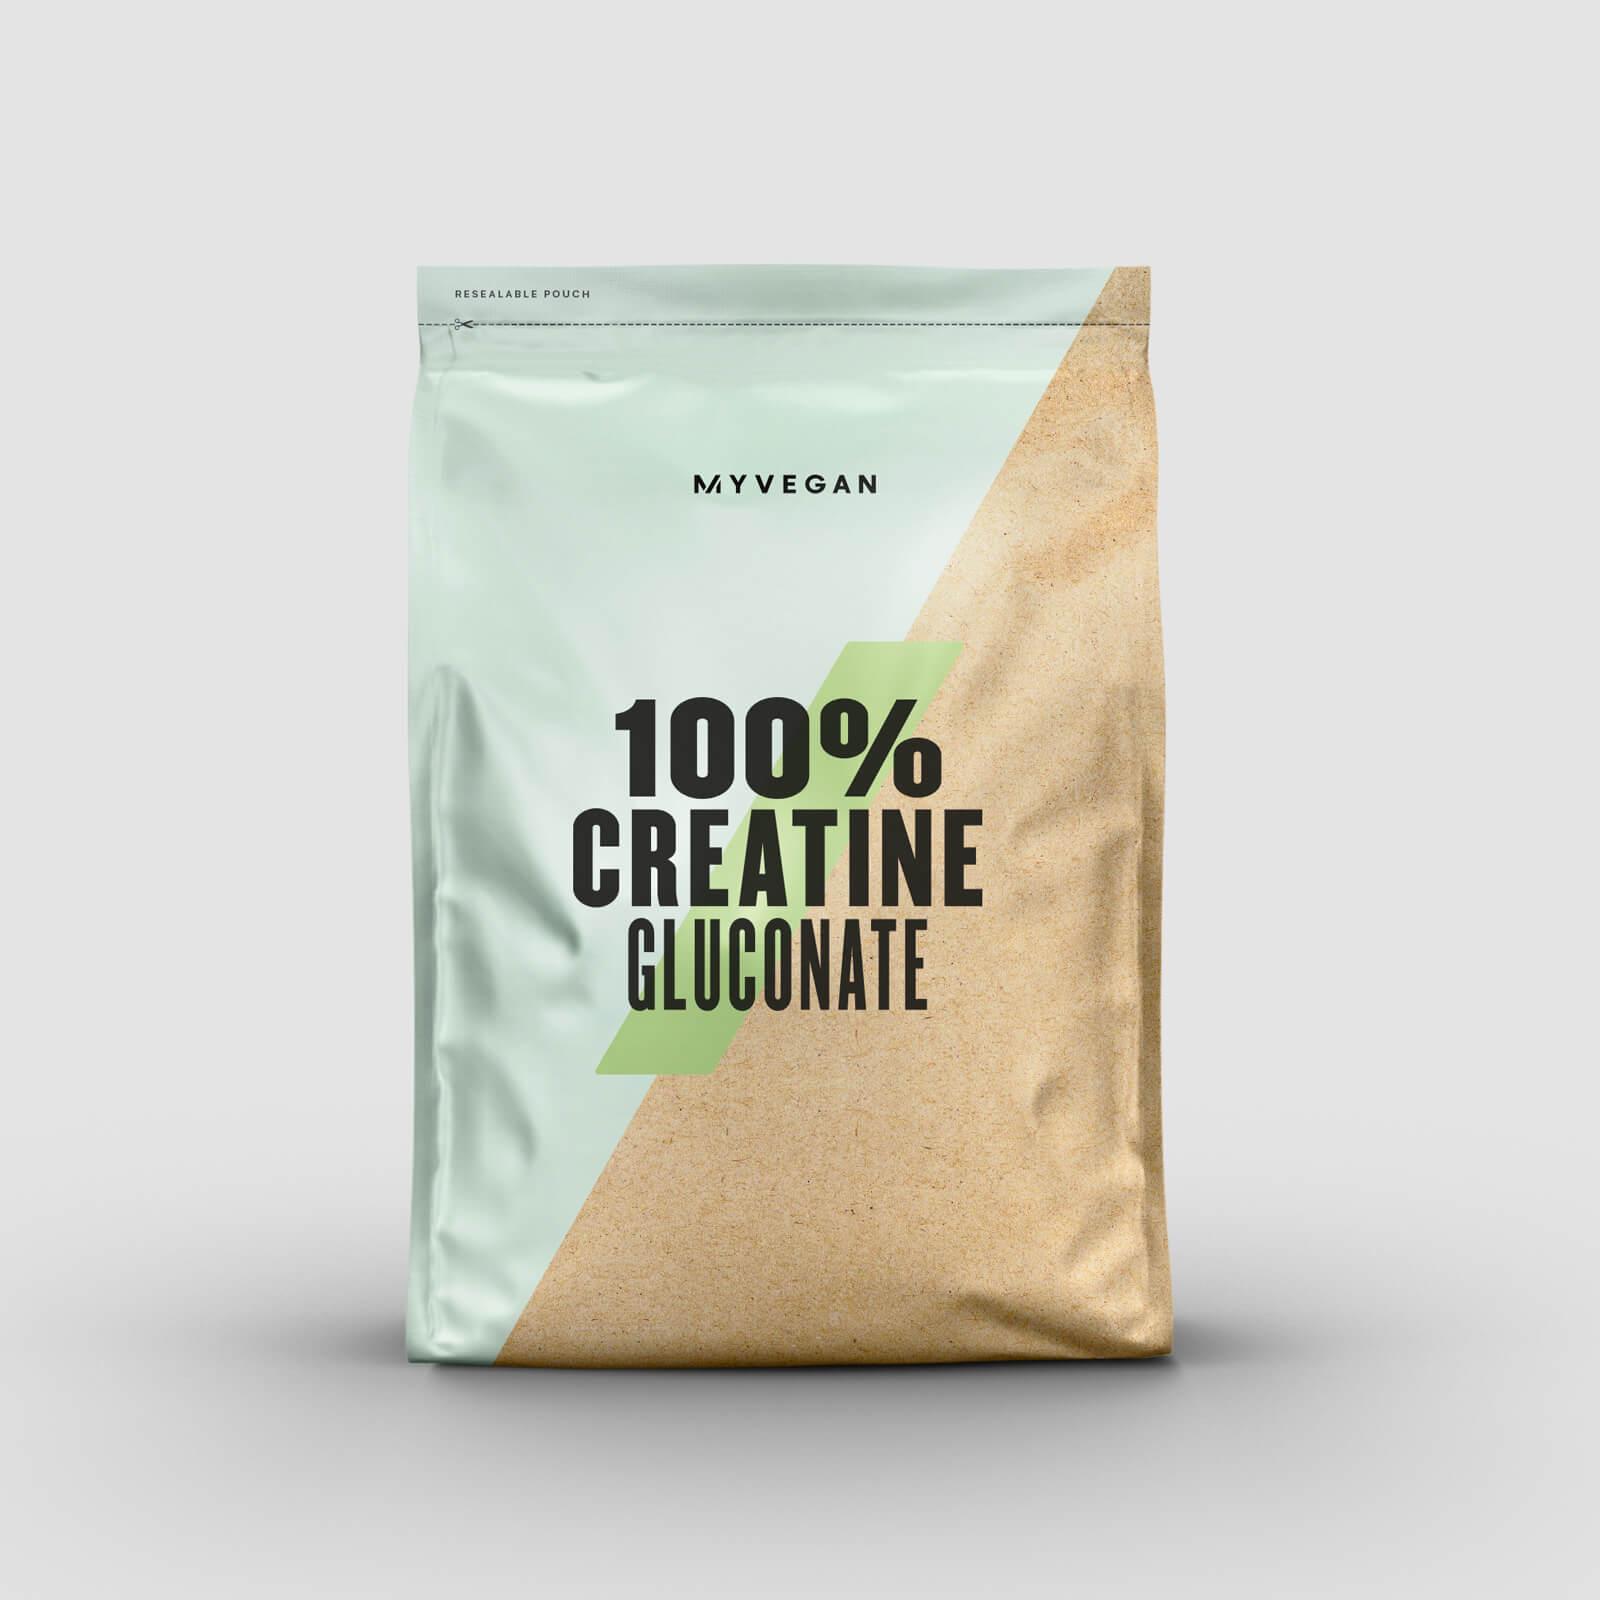 Myprotein 100% Creatine Gluconate Powder - 250g - Unflavoured